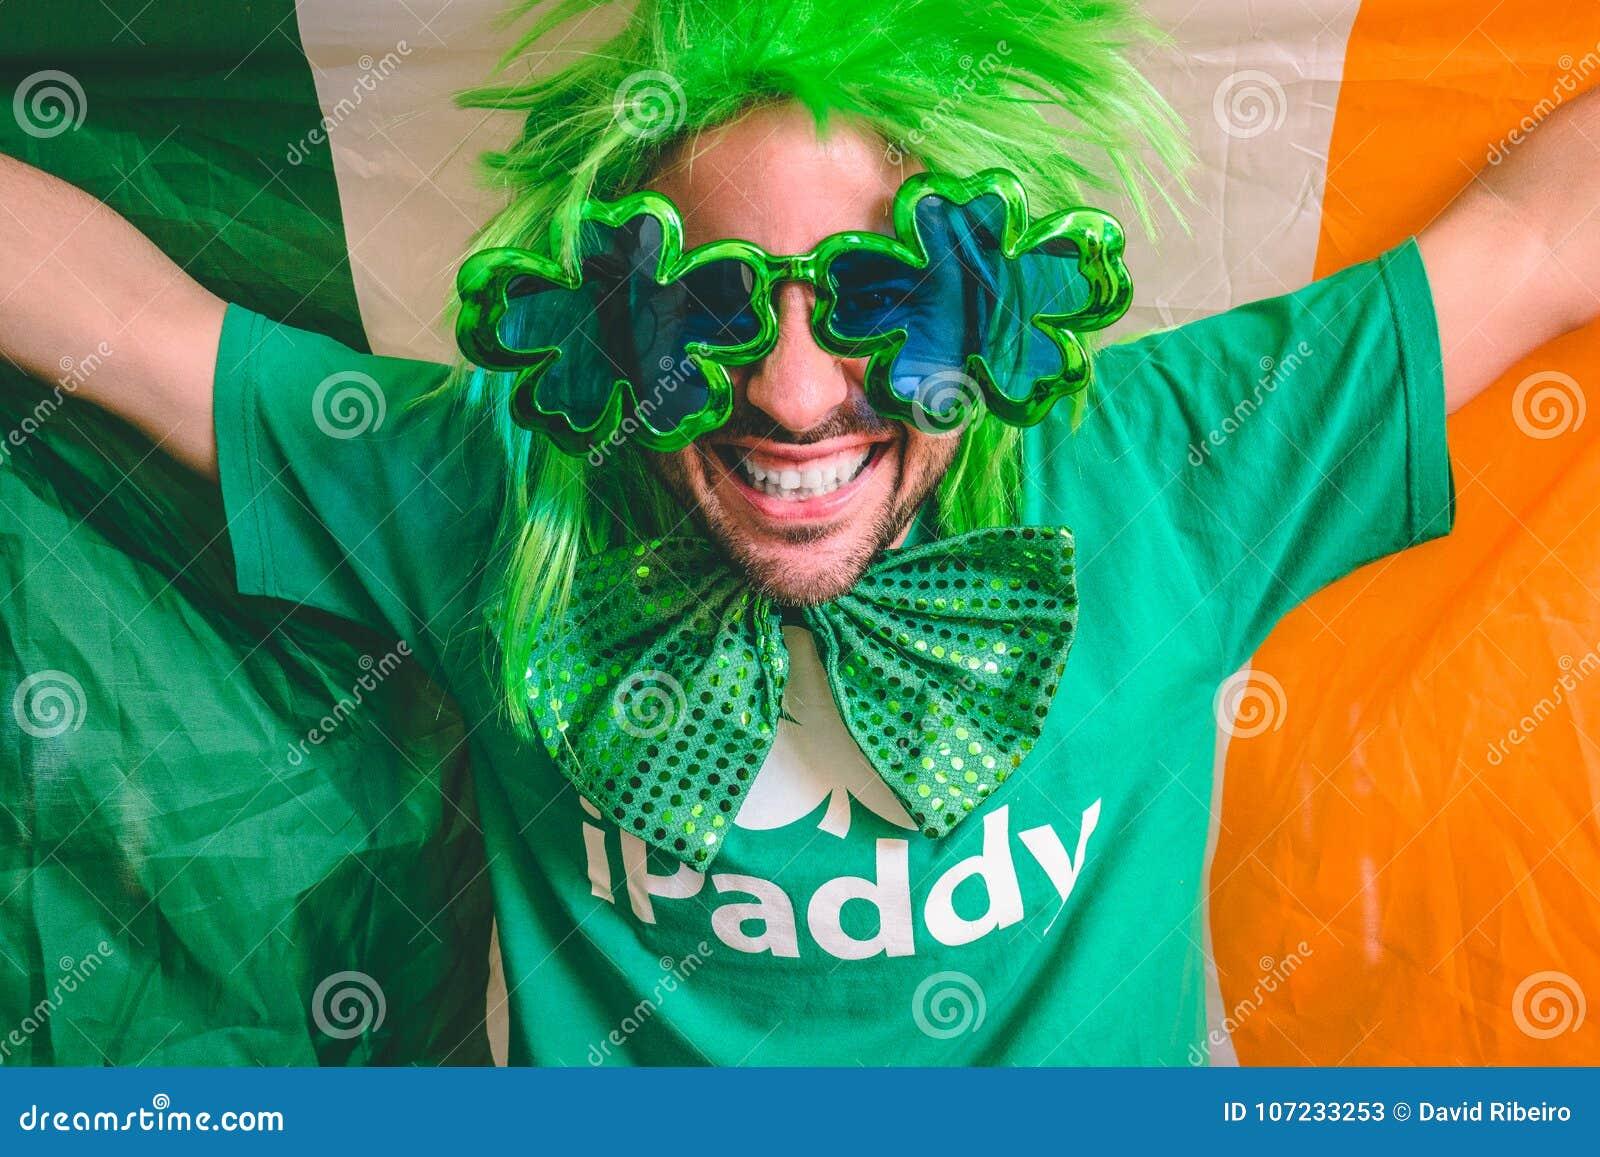 Portret mężczyzna trzyma Irlandzką flaga